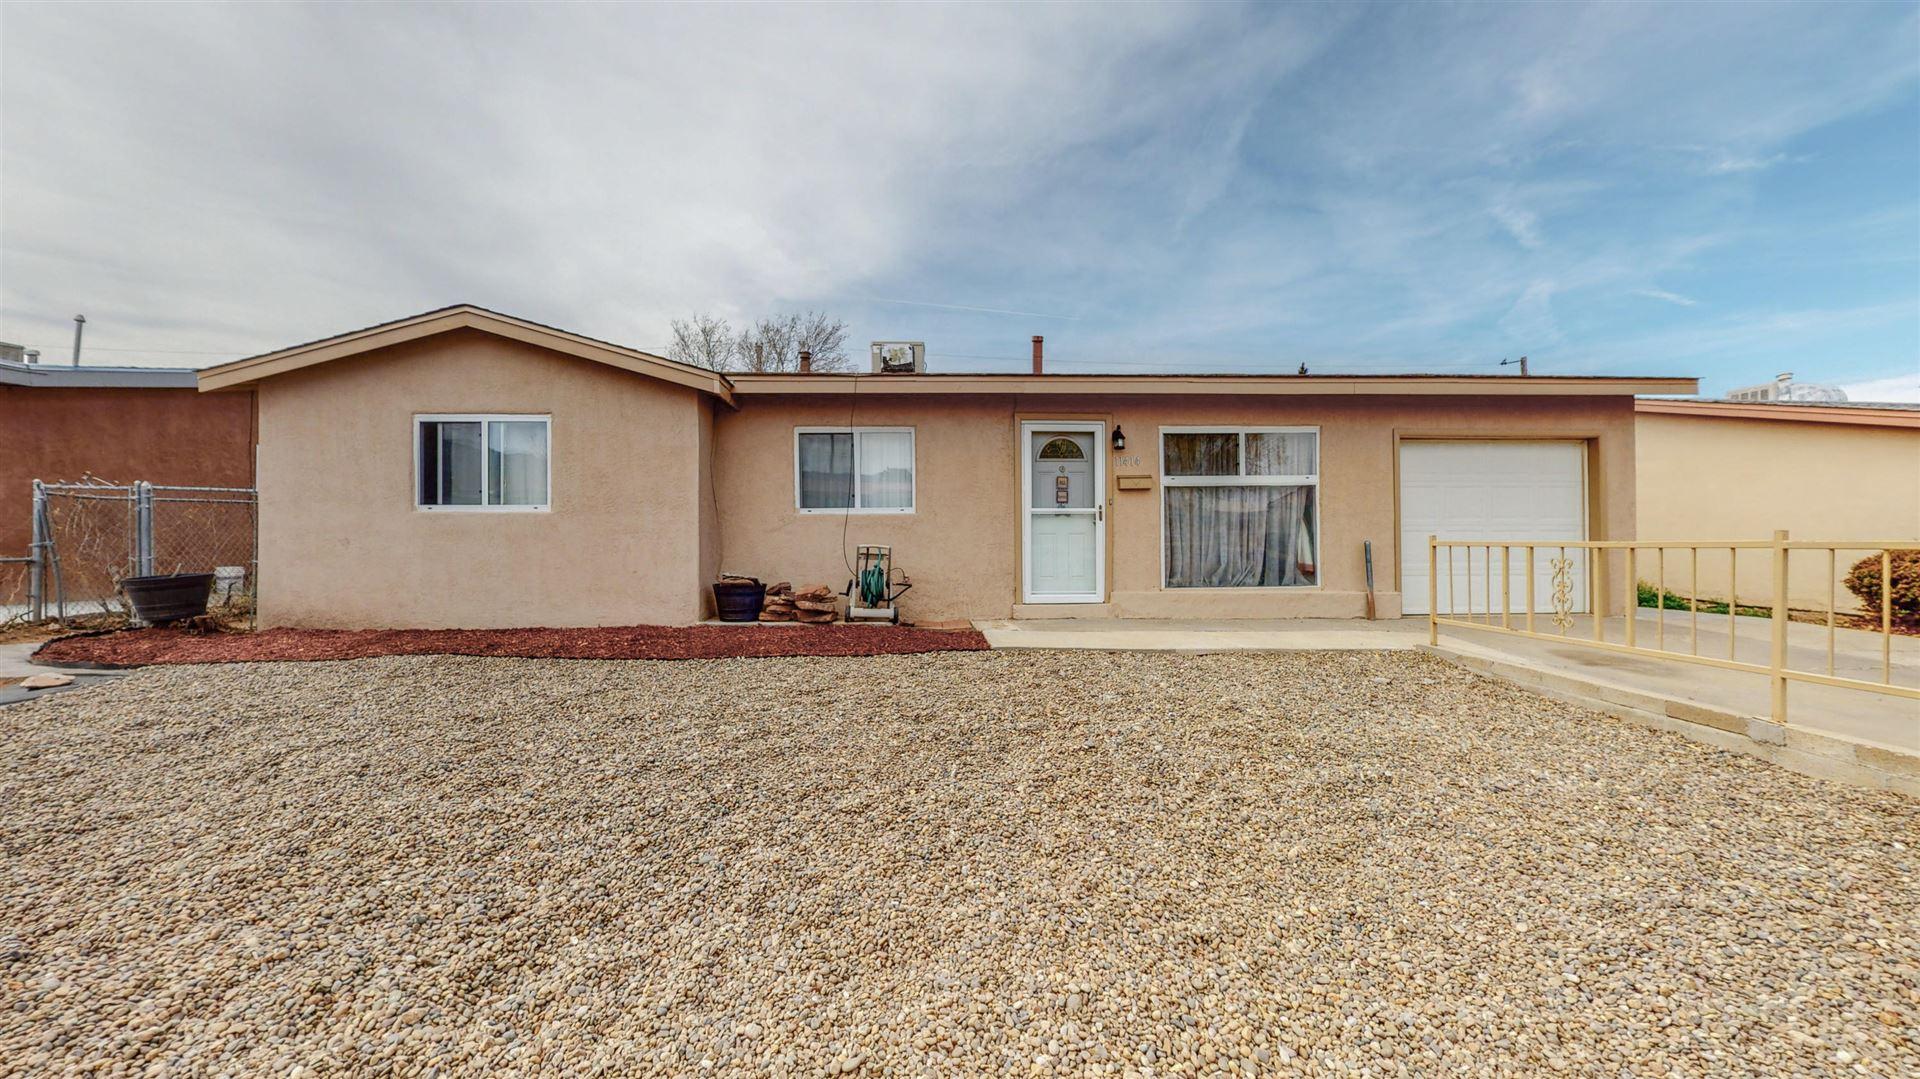 11414 Ralph Avenue NE, Albuquerque, NM 87112 - MLS#: 989226